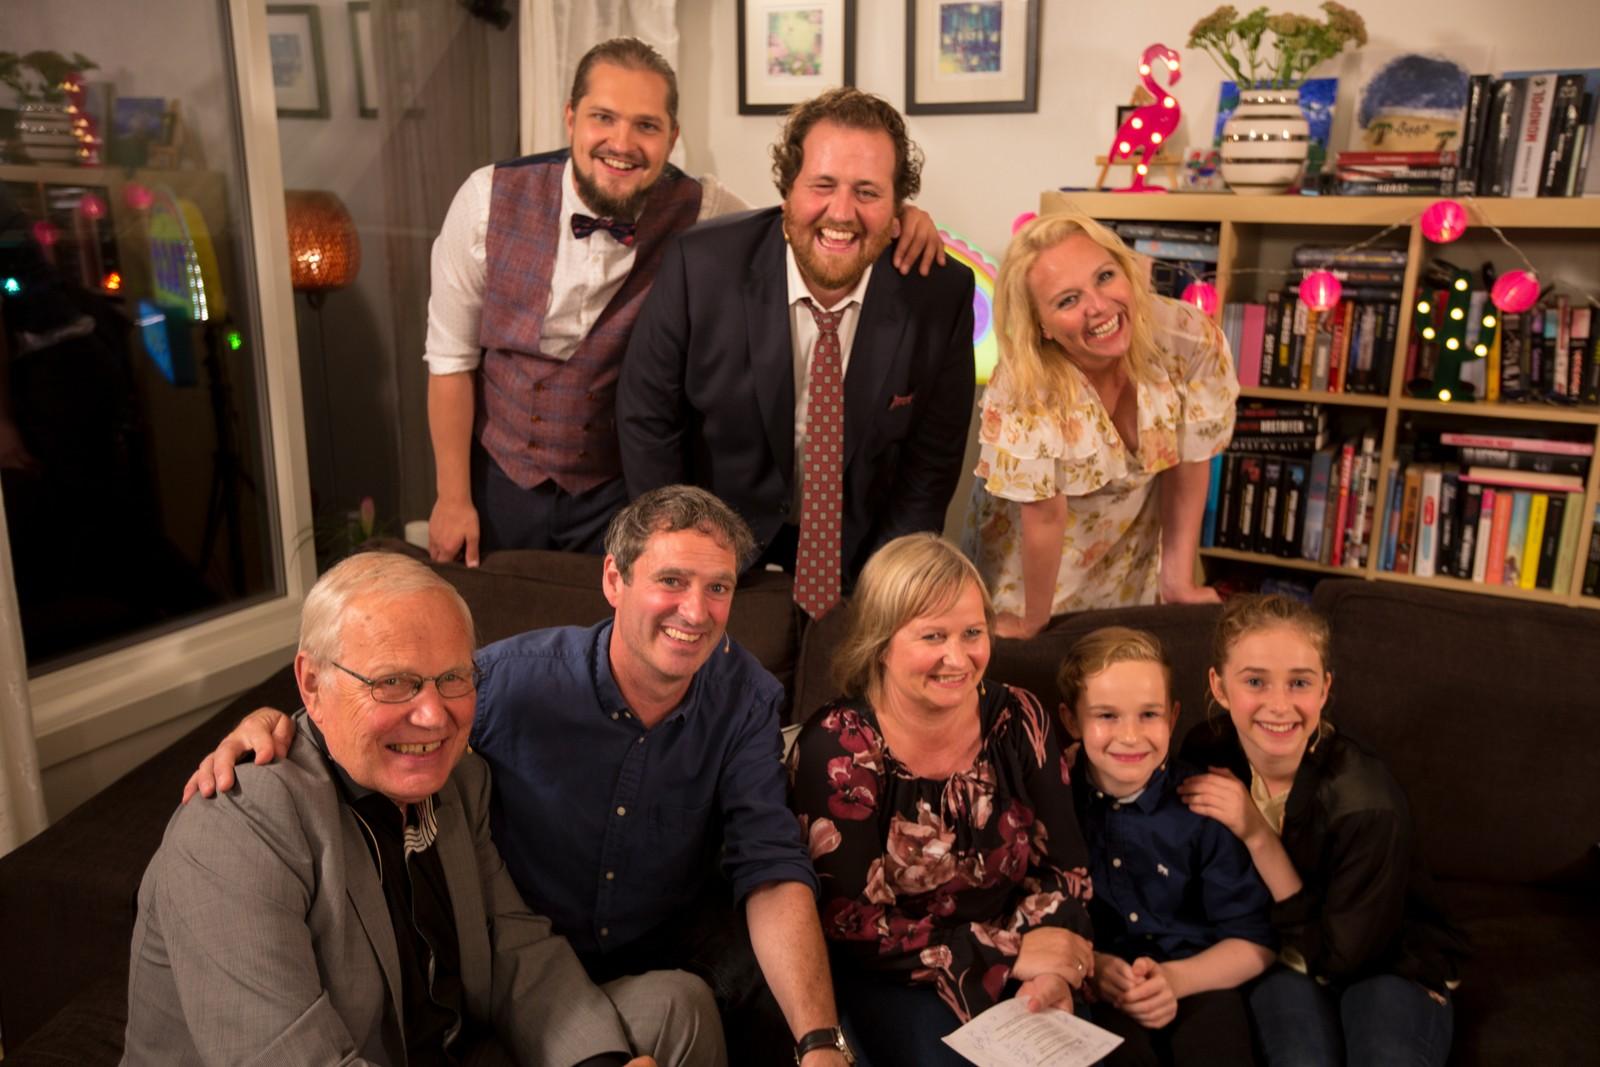 Familien omringet av Arne Scheie, Lars Andreas Aspesæter, Ronny Brede Aase og Linn Skåber.